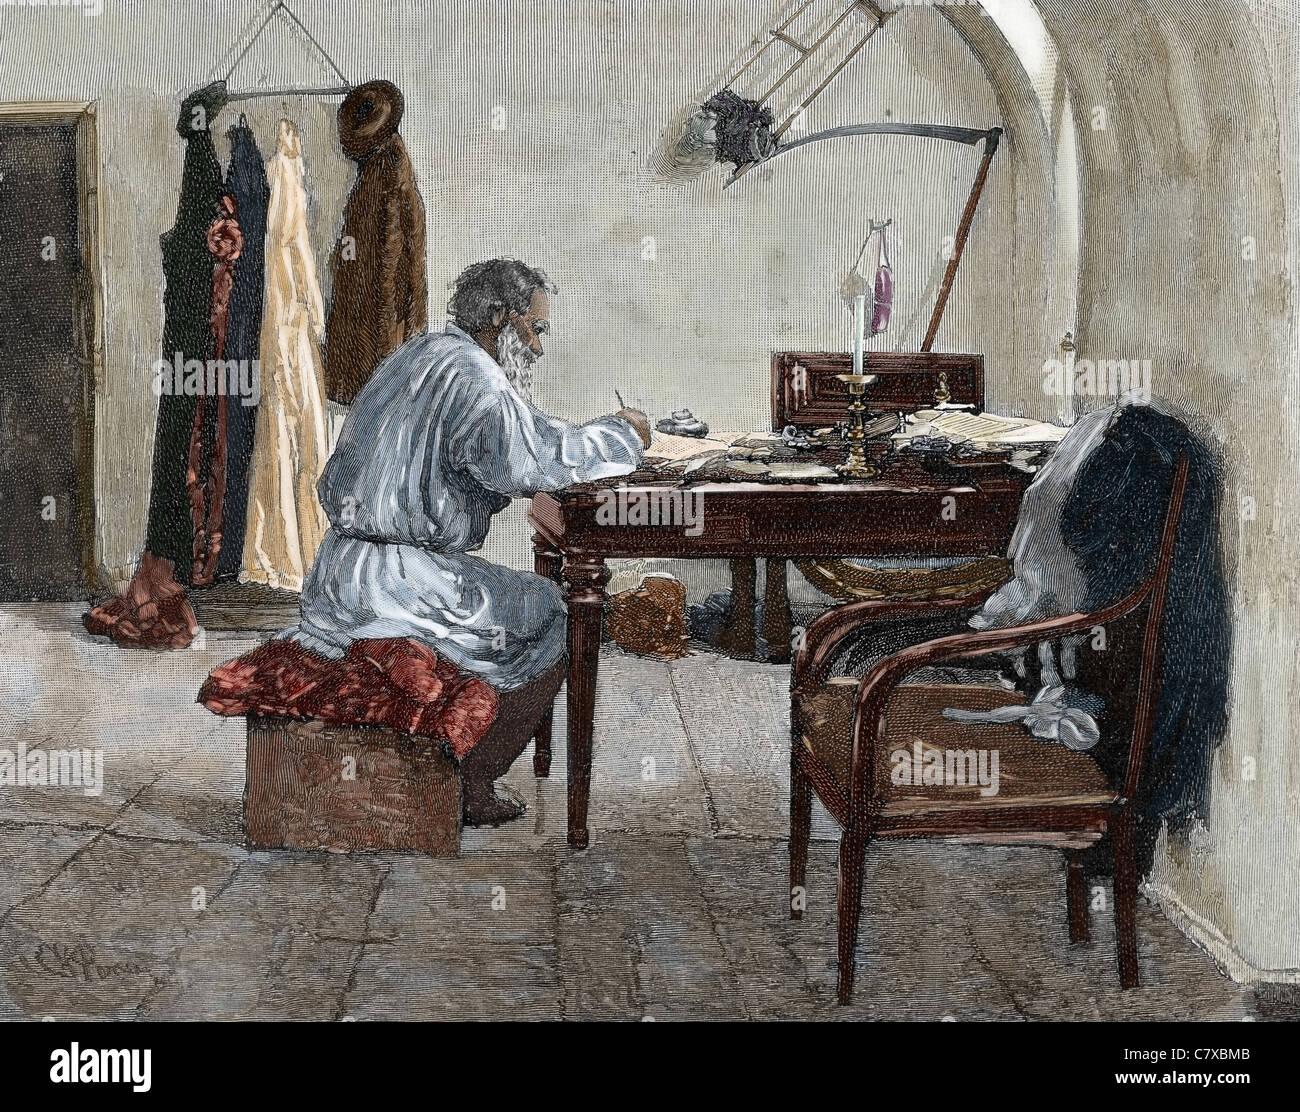 Léon Tolstoï (1828-1910). L'écrivain russe. Totlstoy dans sa salle de travail. Photo Stock